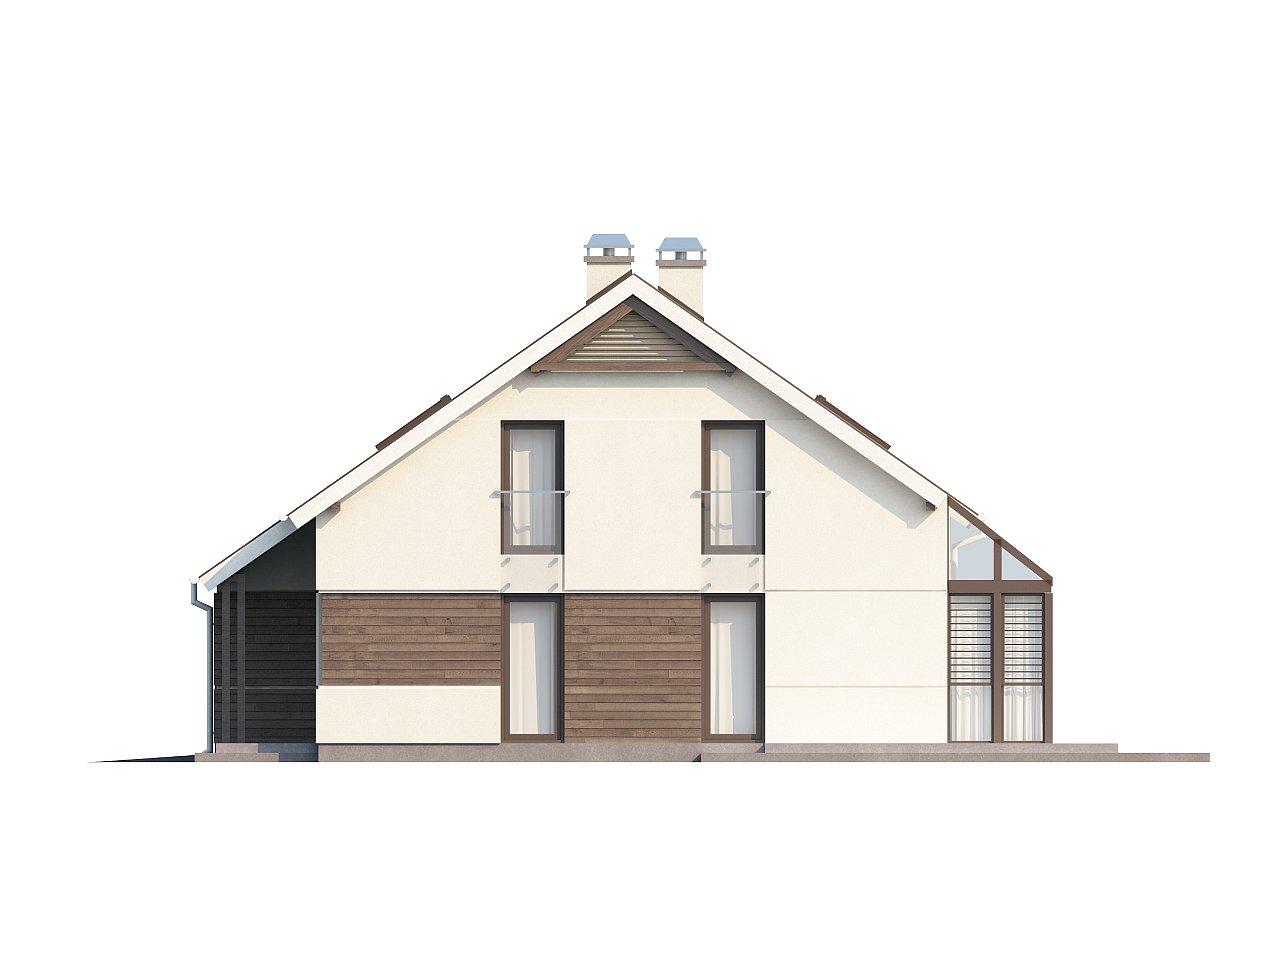 Проект дома с мансардой, с дополнительной спальней на первом этаже и с застекленной террасой. 12